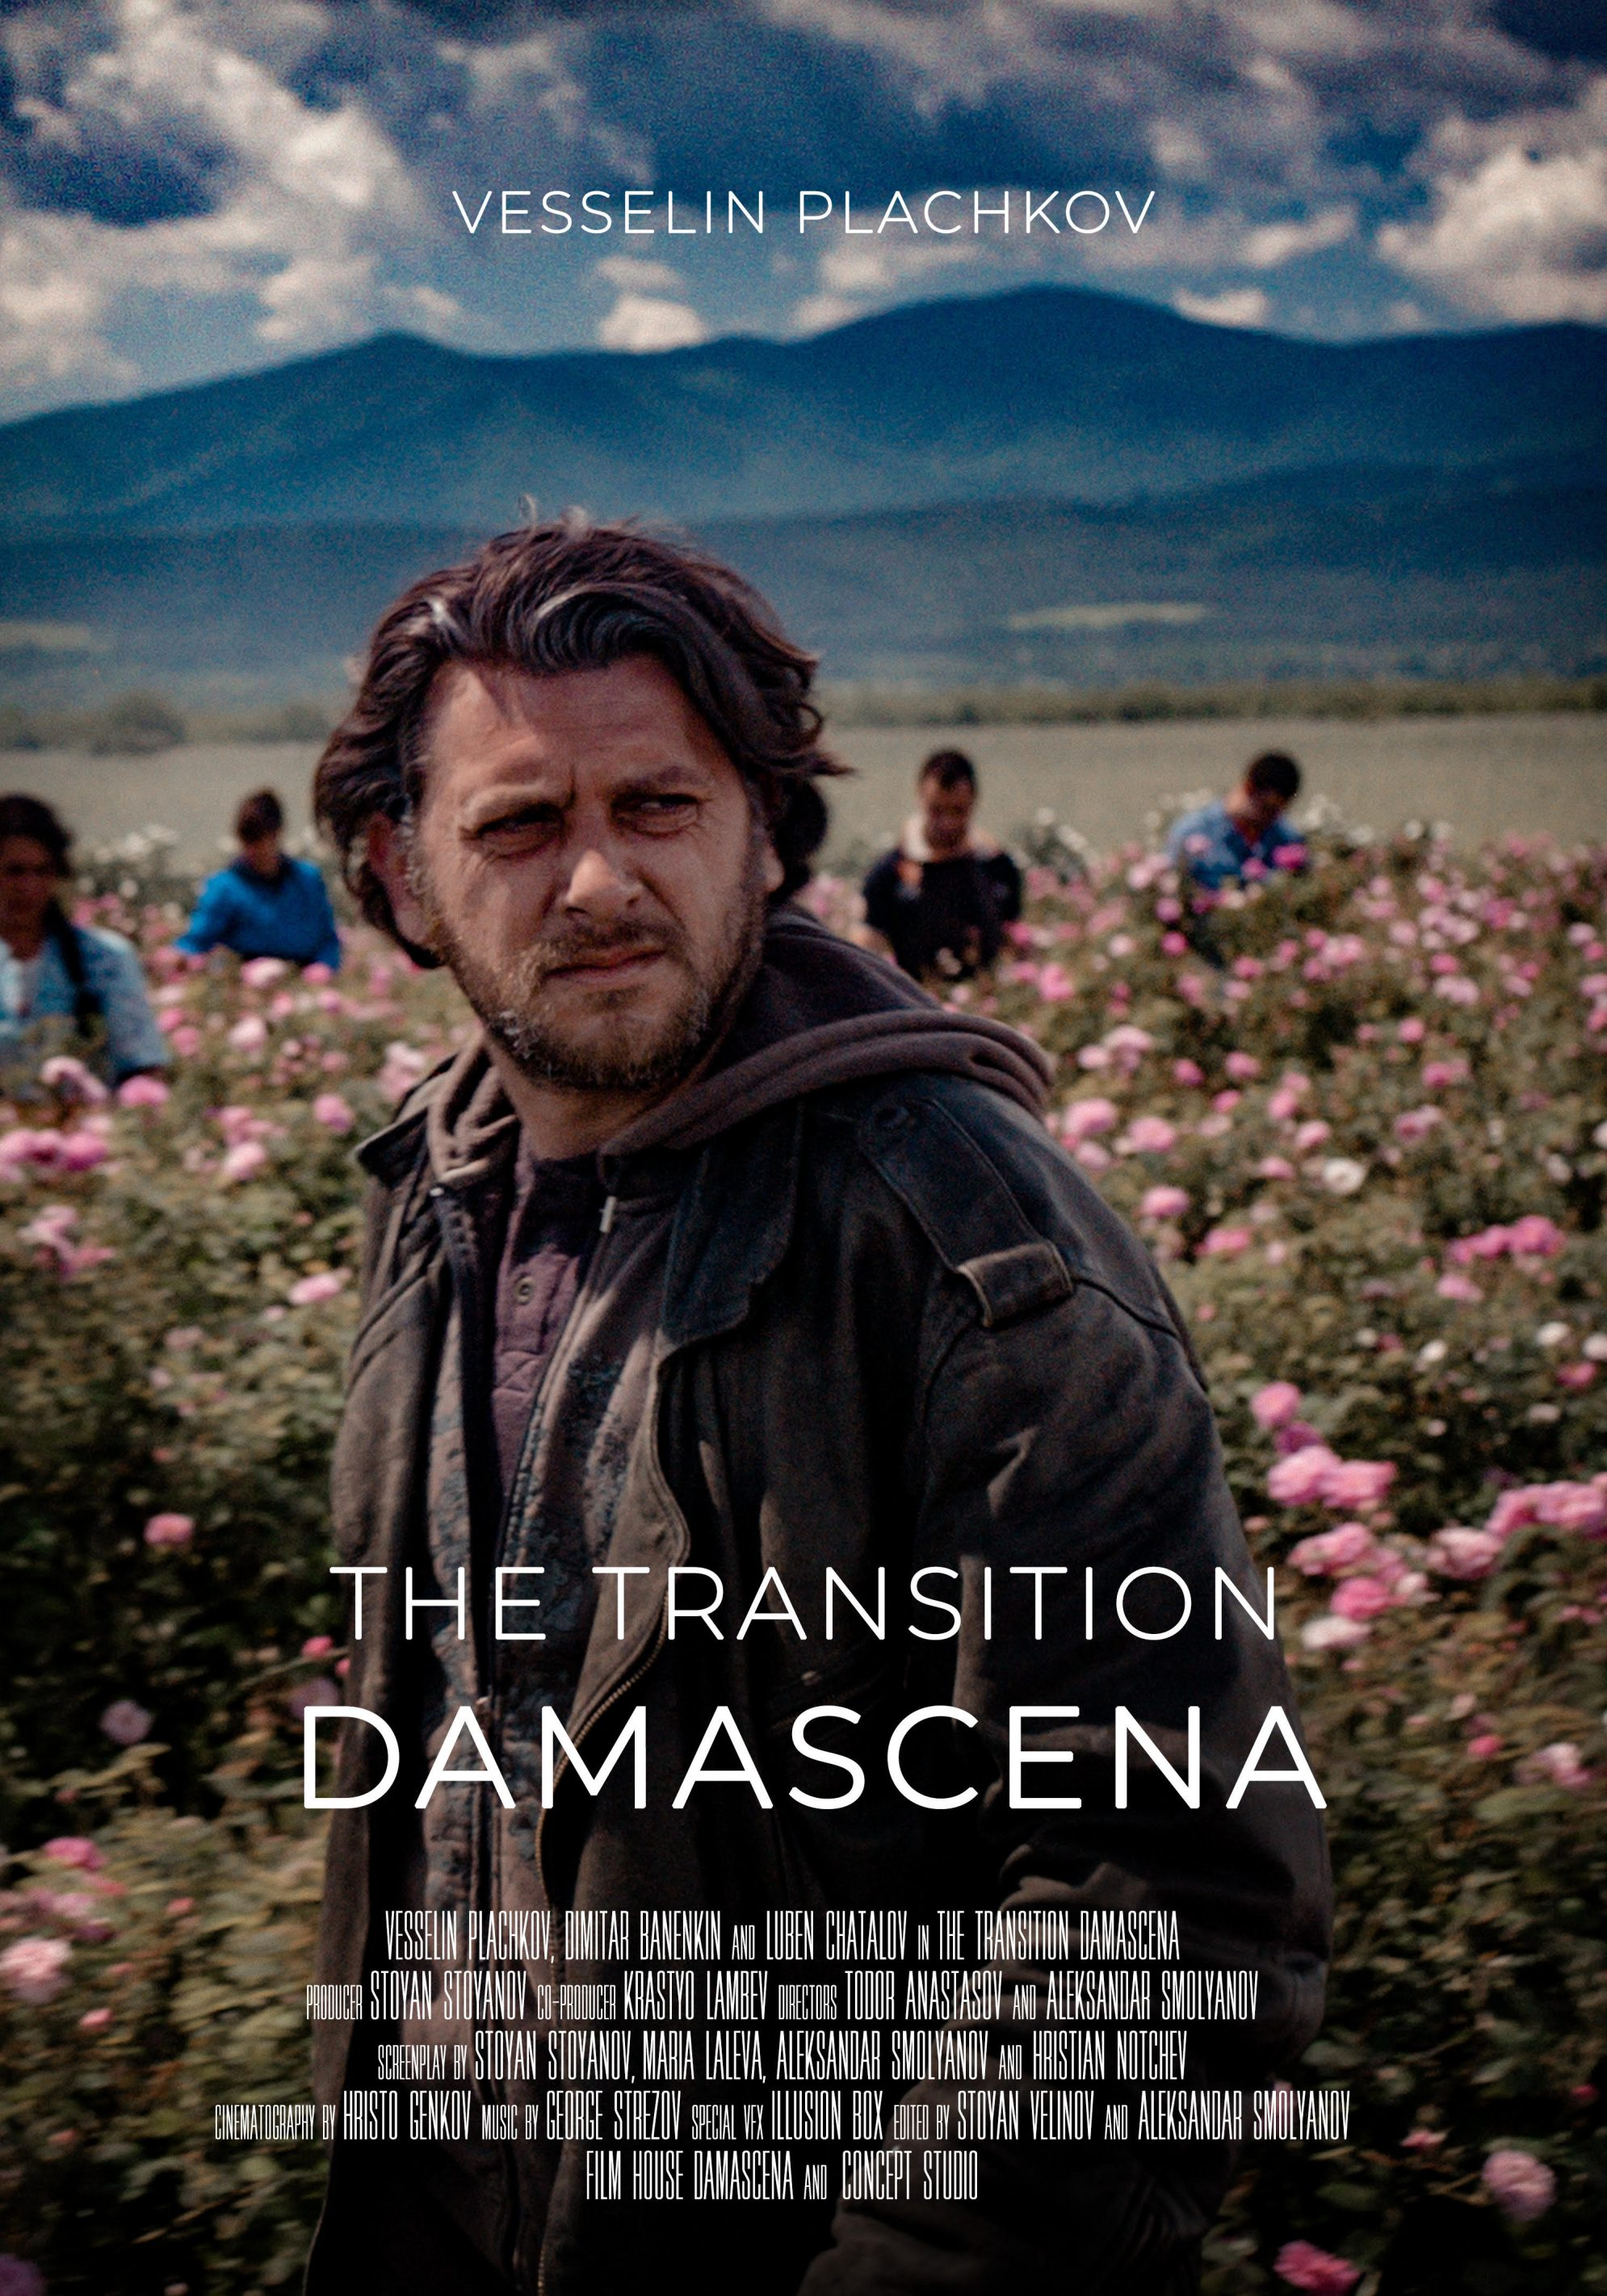 The Transition – Damascena